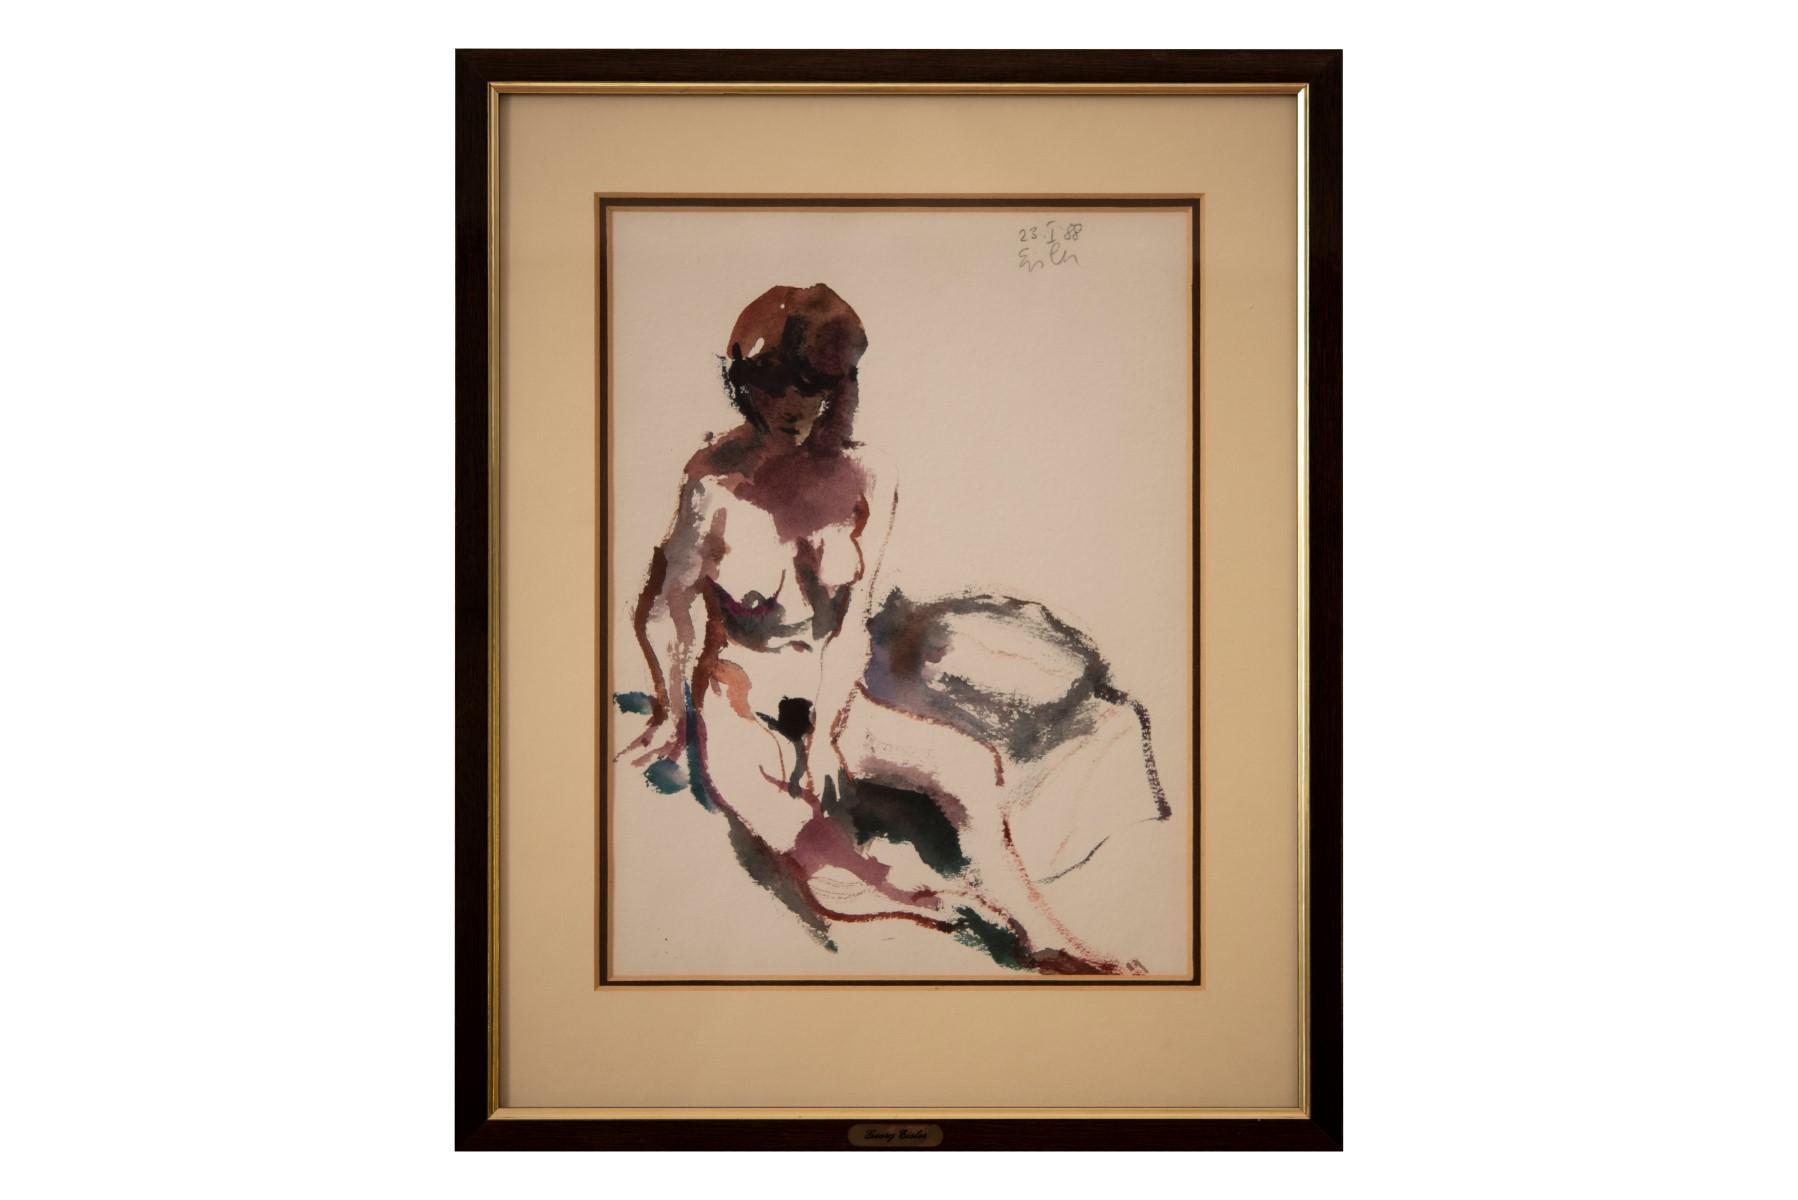 #99 Artist of the 20th Century, Female Nude | Künstler des 20. Jahrhundert, Weiblicher Akt Image